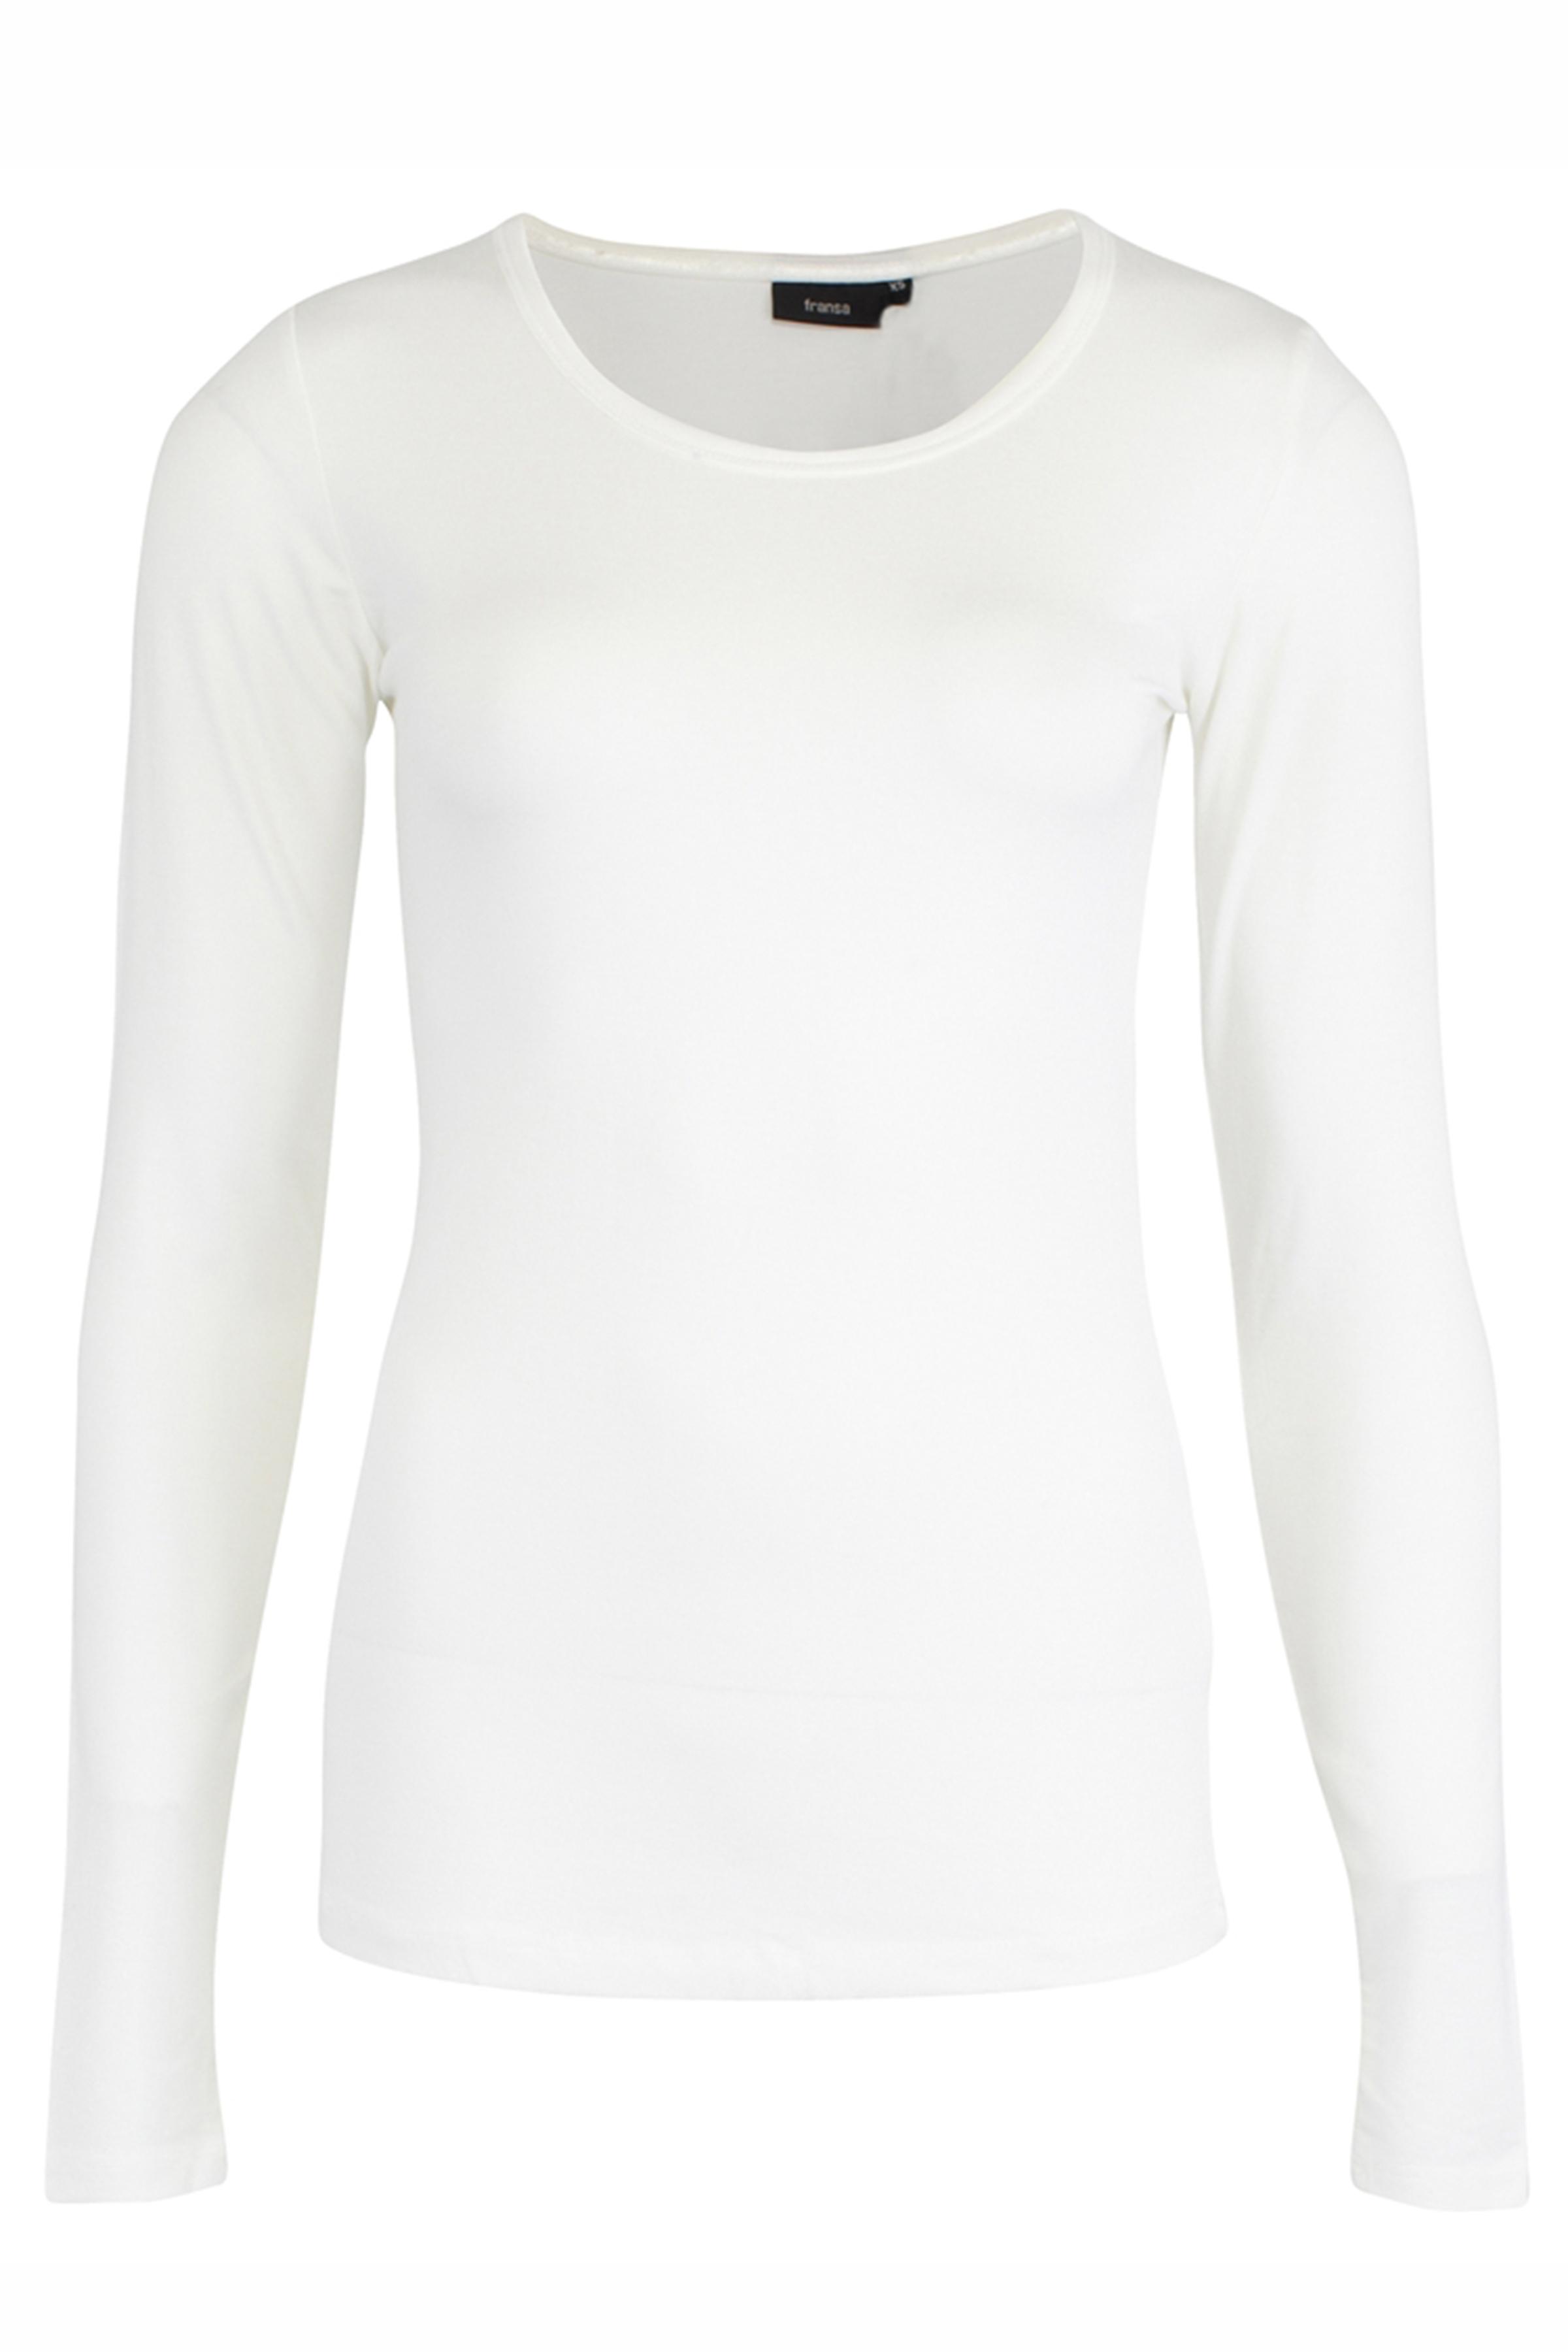 Off-white T-shirt lange mouw van Fransa – Door Off-white T-shirt lange mouw van maat. XS-XXL hier